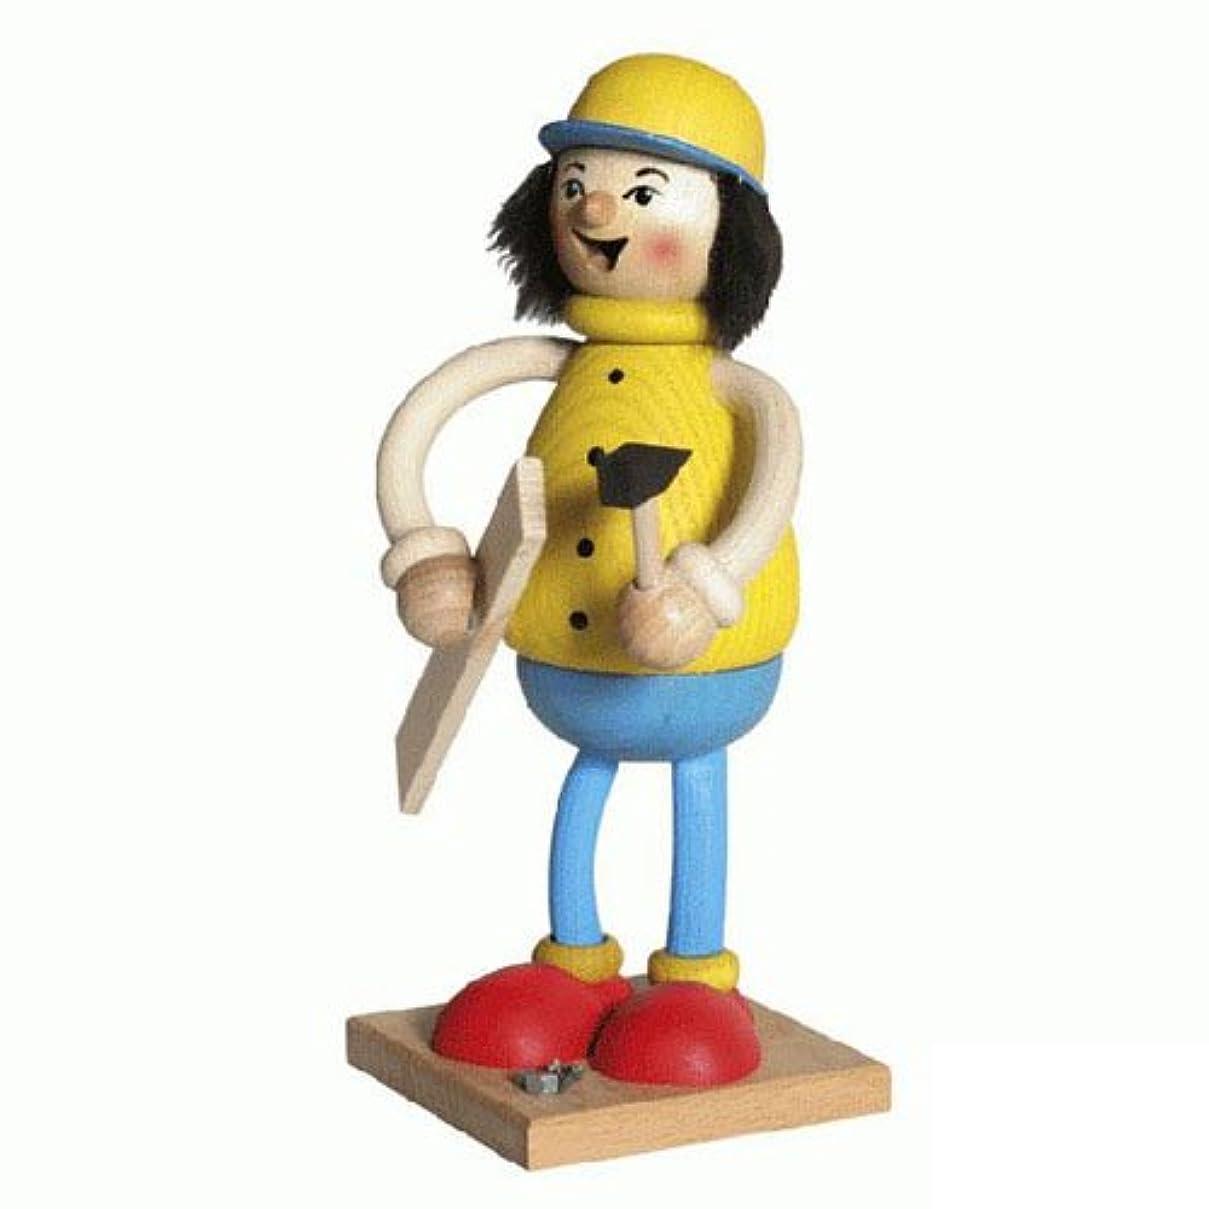 減衰支出白鳥39096 Kuhnert(クーネルト) ミニパイプ人形香炉 DIY